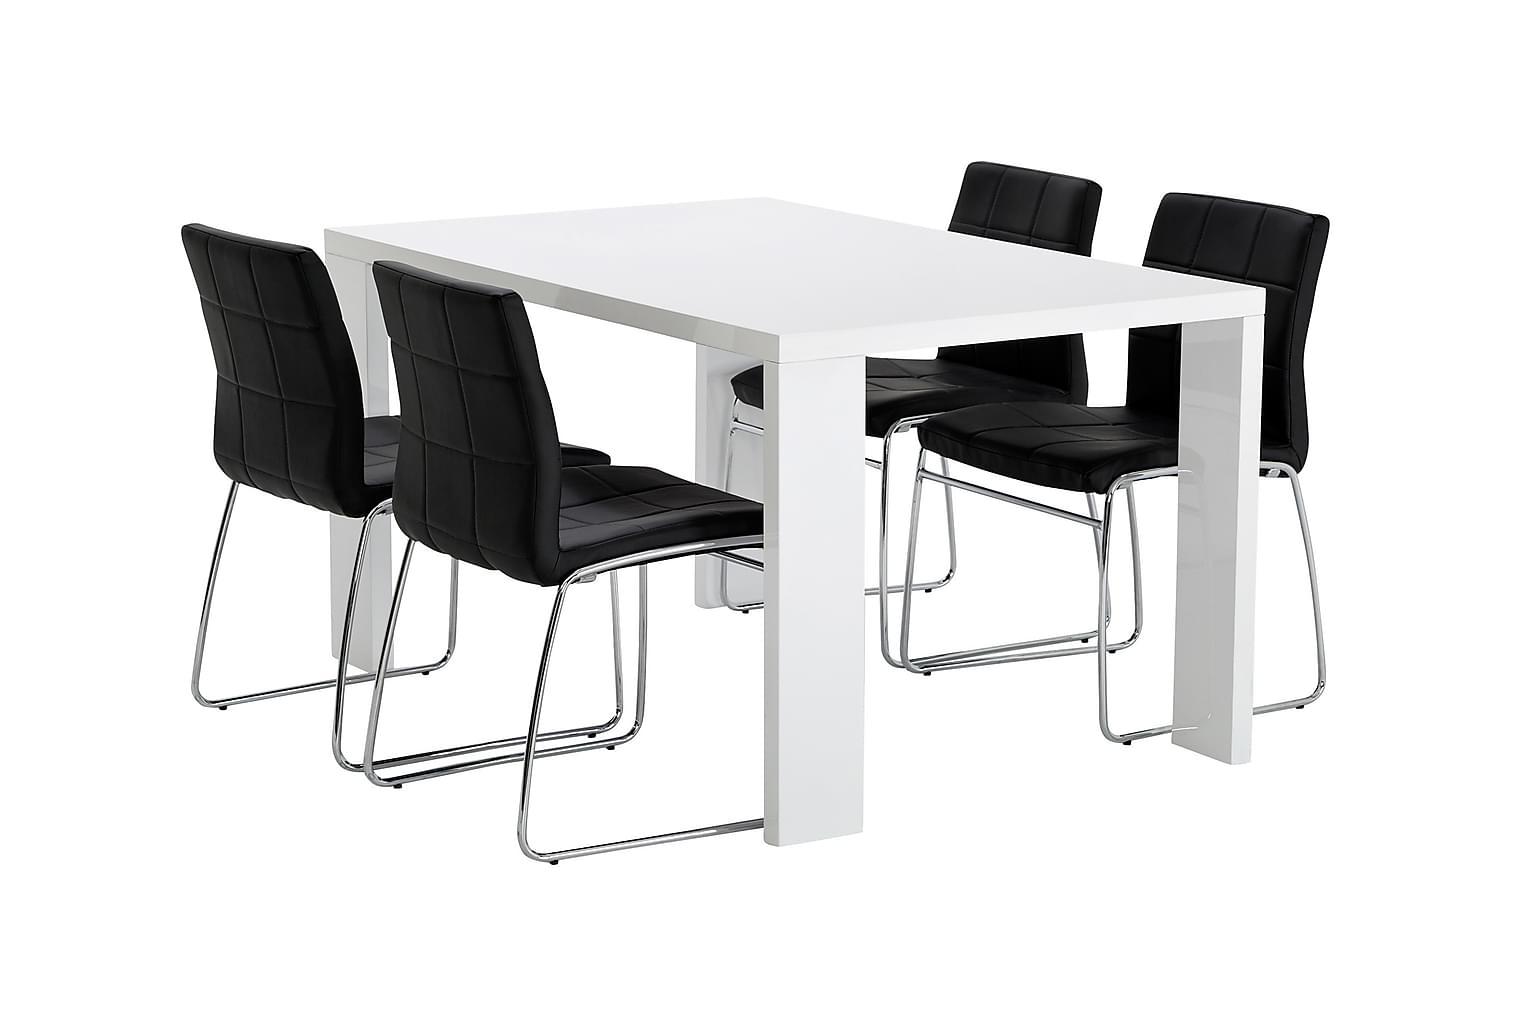 RÖNNE Pöytä 140 Valkoinen + 4 VISKAN Tuolia Musta